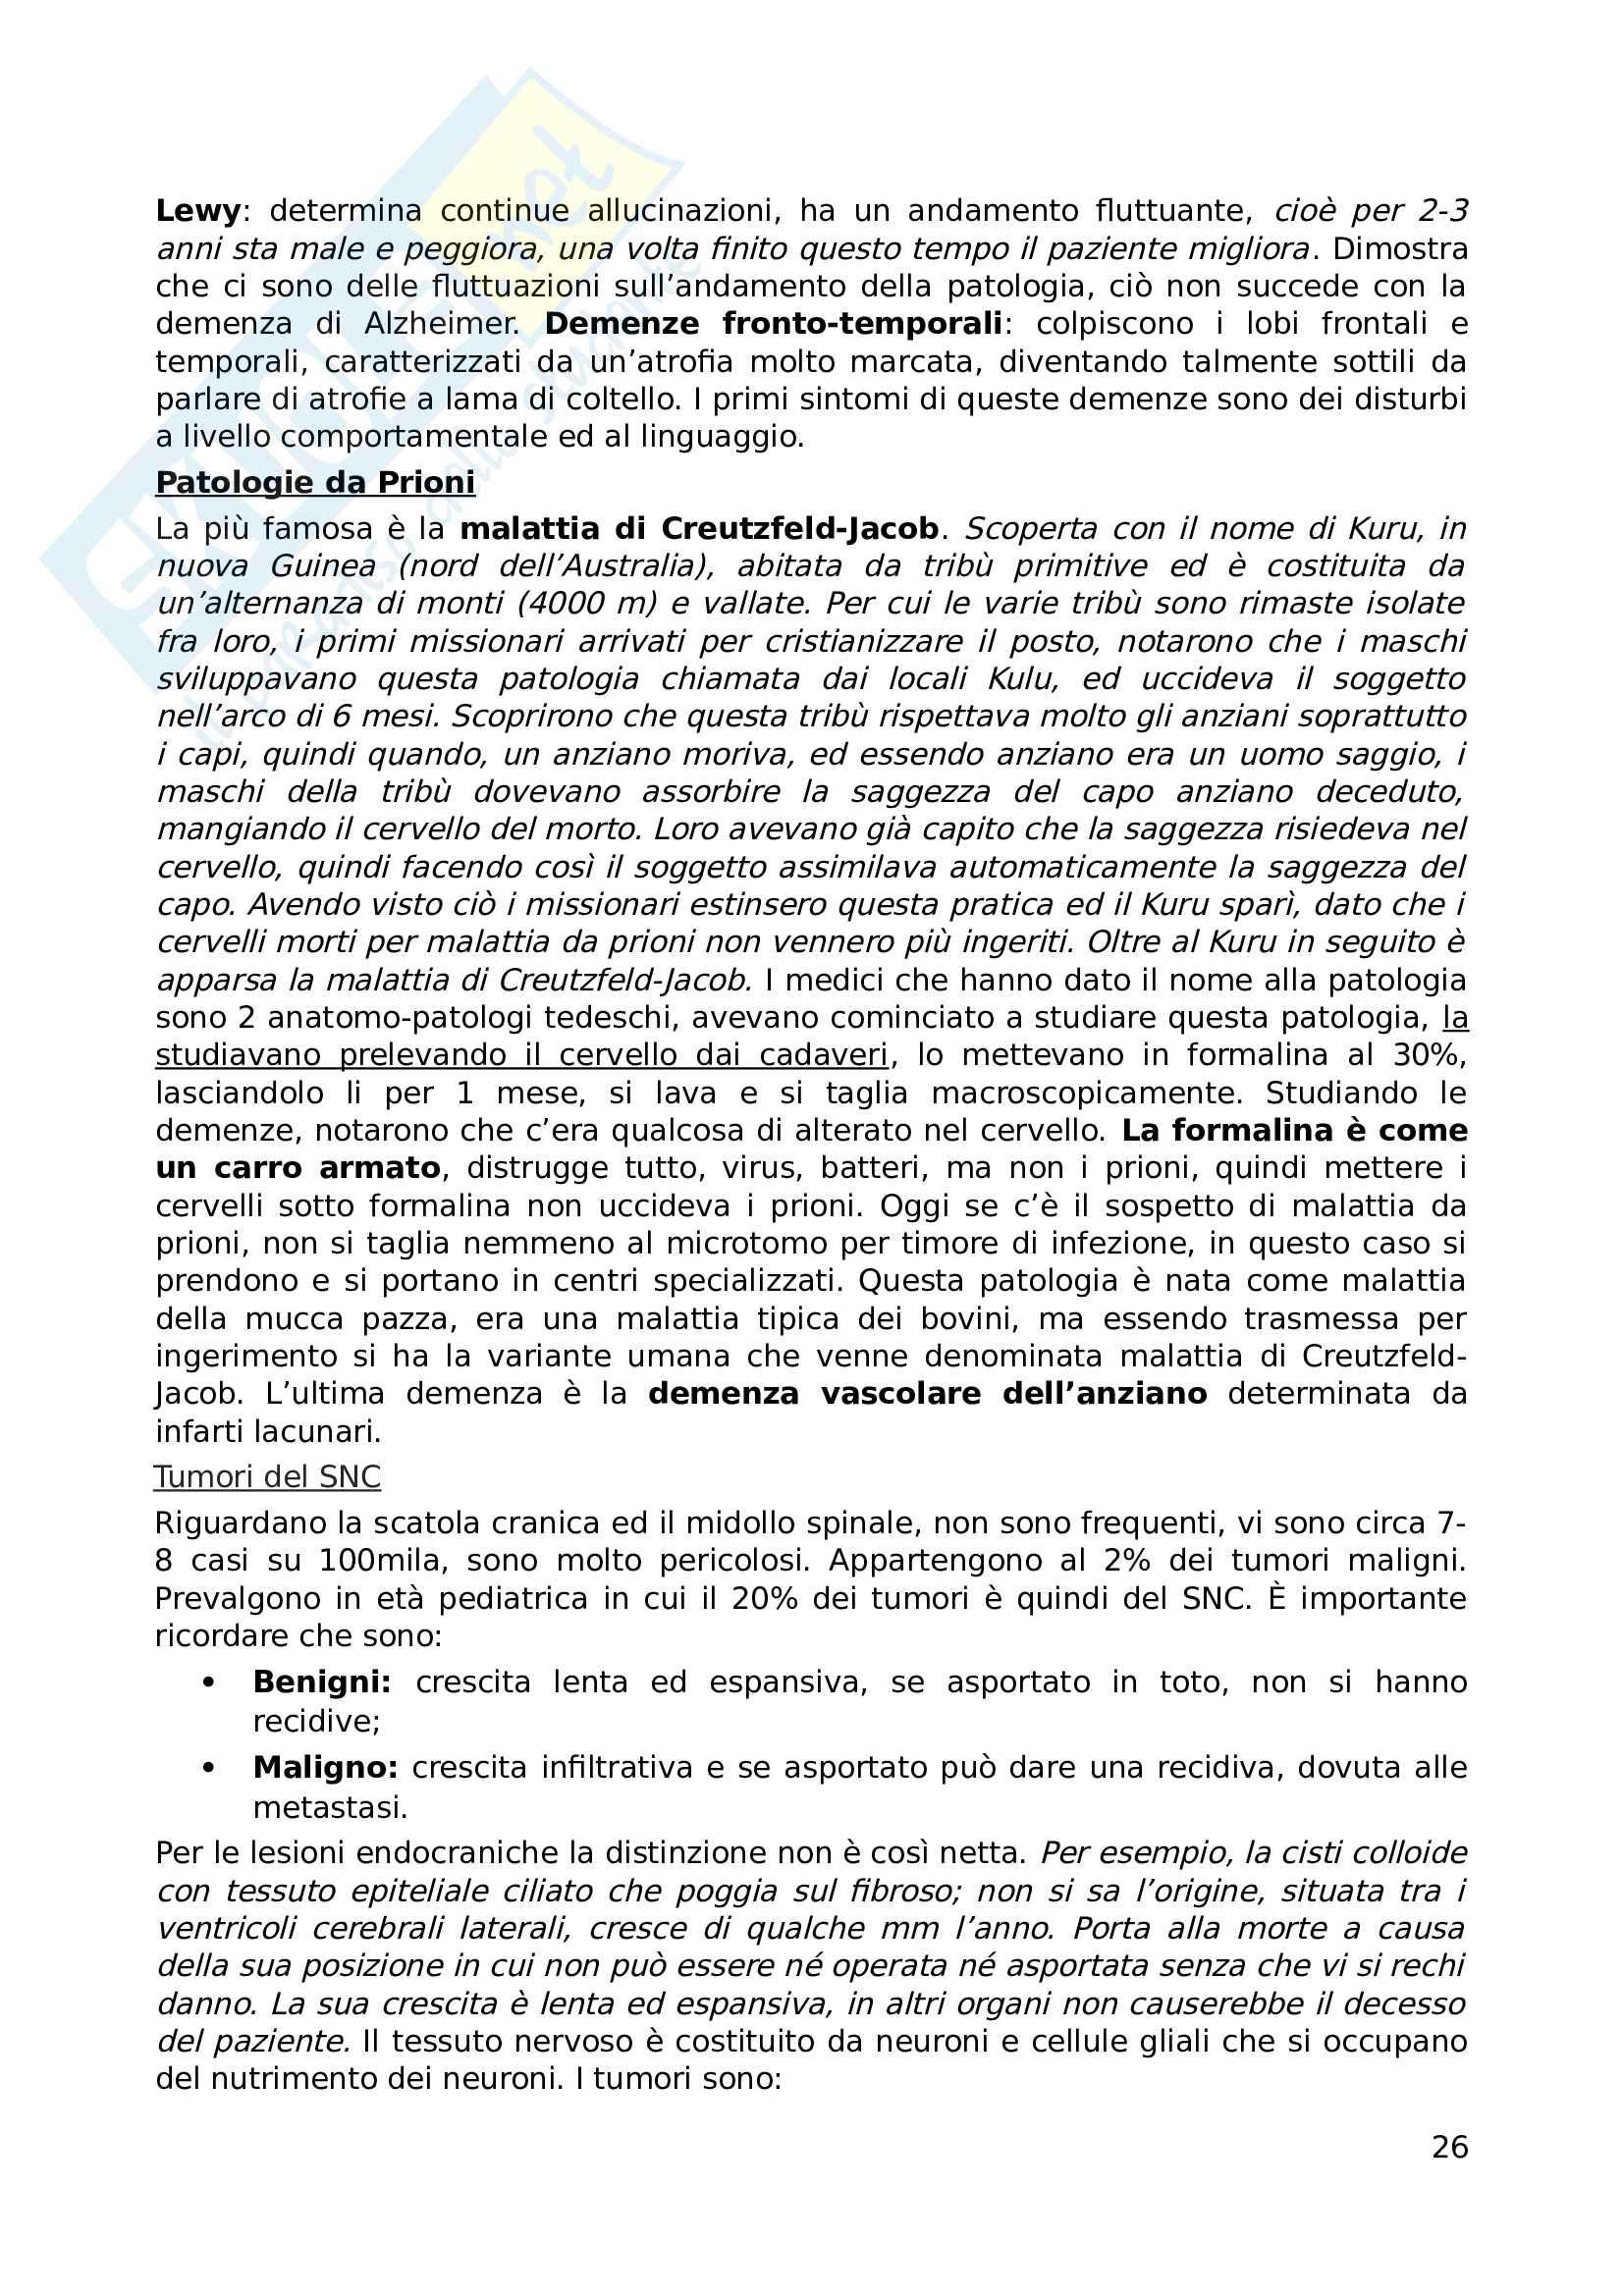 Appunti di Anatomia Patologica Pag. 26